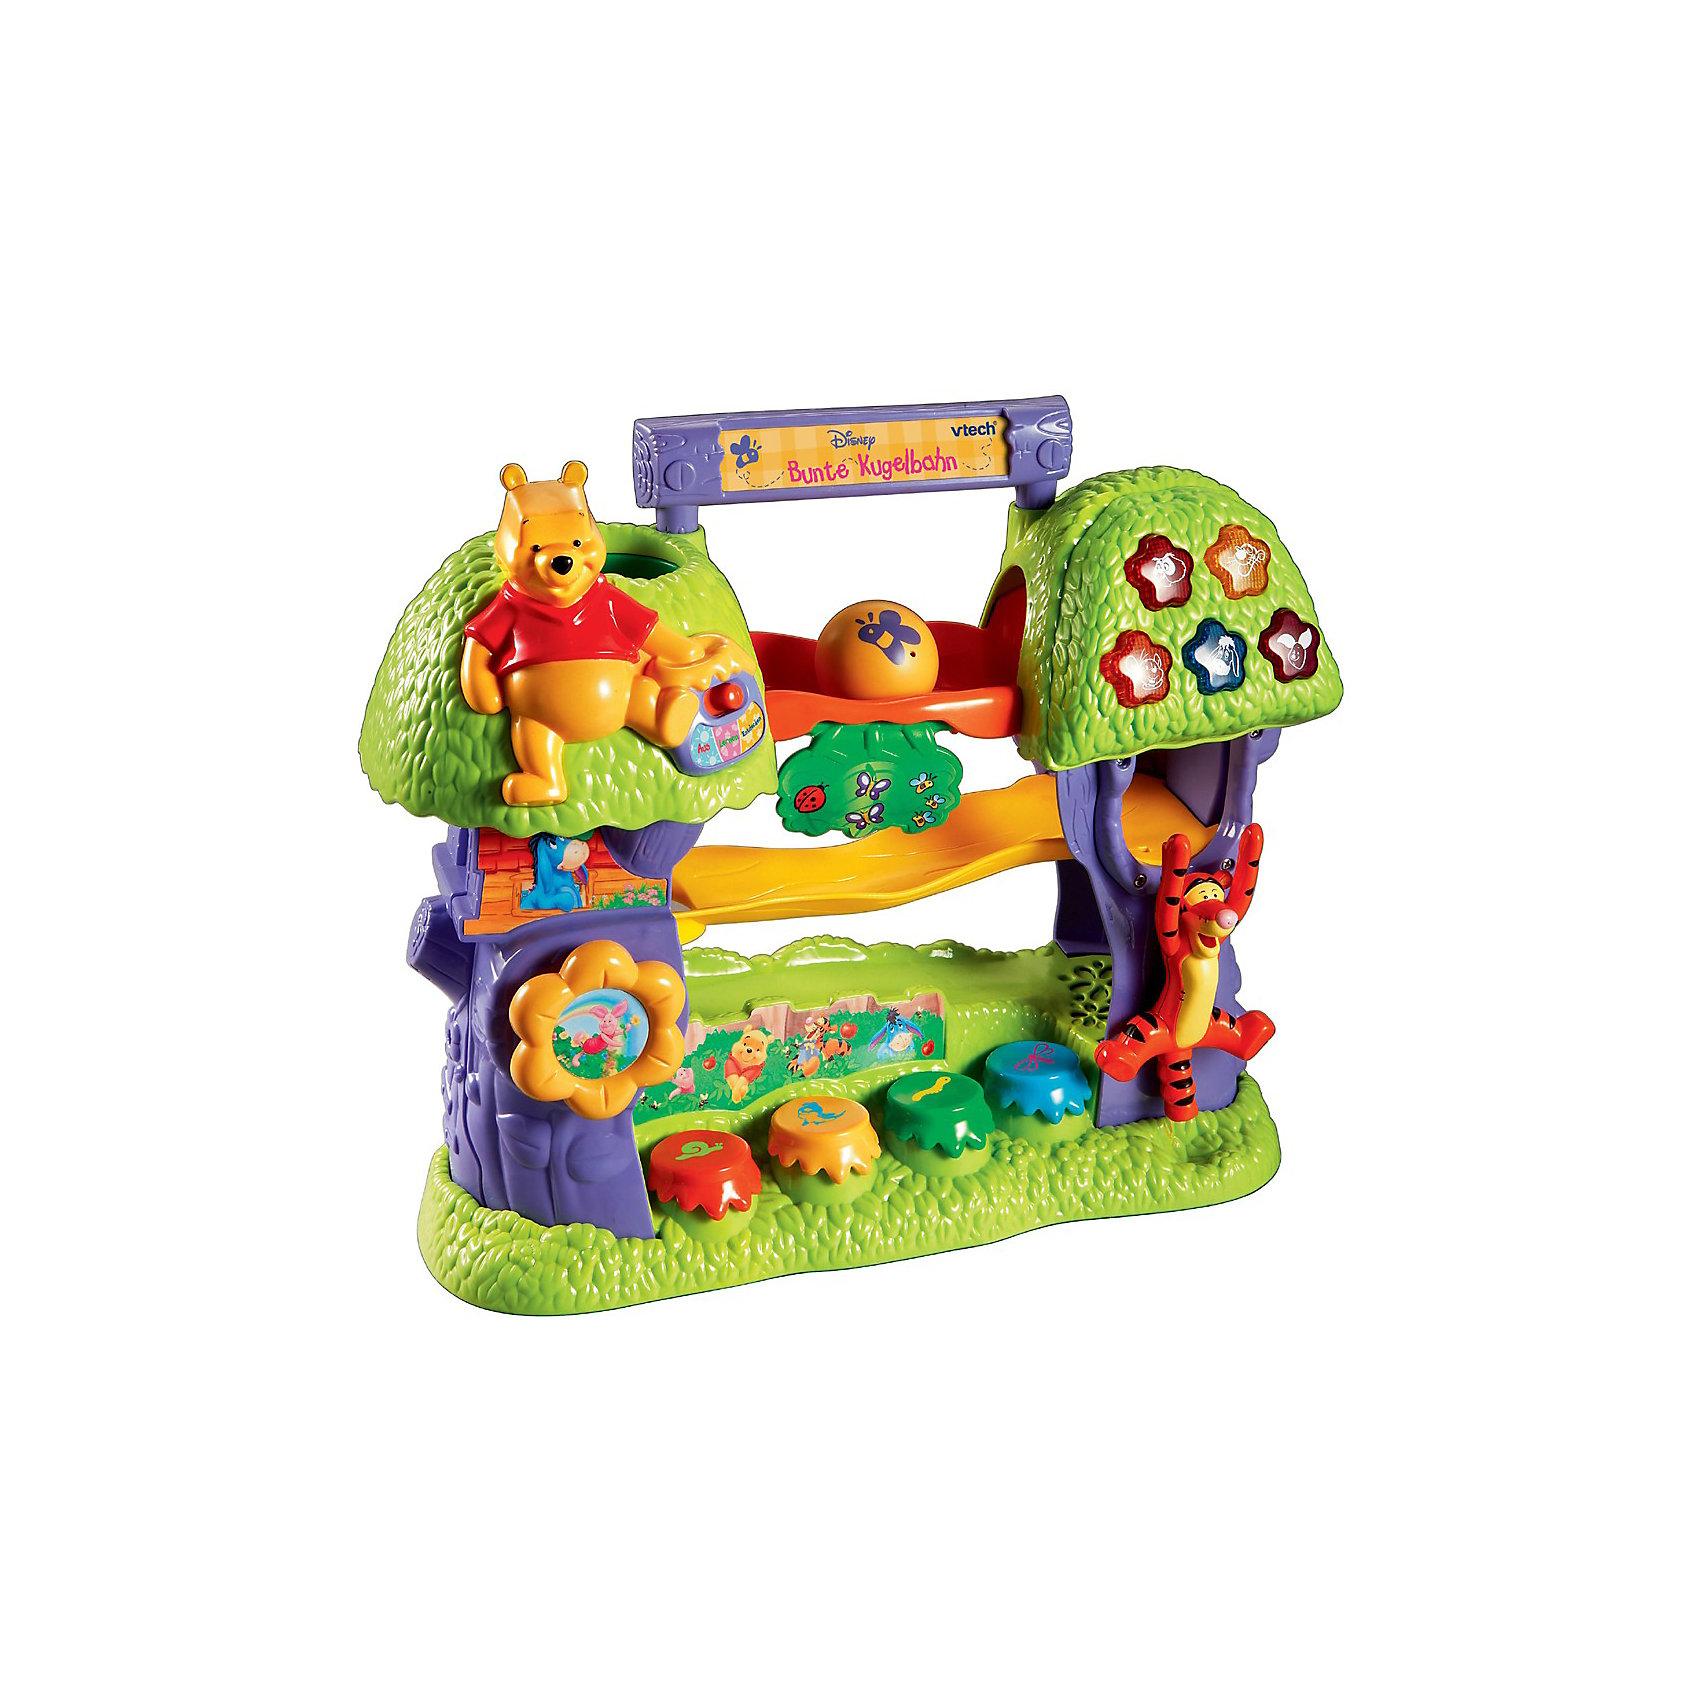 Развивающая игрушка Дерево Винни, VtechОбучающее дерево Винни, Vtech. <br><br>С помощью обучающего дерева Ваш малыш выучит буквы алфавита и цифры, научится различать цвета и животных.<br>Запатентованная система распознавания шариков вызовет неподдельный интерес, разовьёт крупную и мелкую моторику Вашего ребёнка.<br>Малыш научится хватать, бросать и ощупывать предметы, разовьёт наглядно-образное мышление и тактильную чувствительность.<br>С помощью режима вопросов Ваш малыш закрепит полученные знания, а мелодии помогут развить чувство ритма.<br><br>Дополнительная информация:<br><br>- 2 режима работы;<br>- 10 обучающих программ;<br>- буквы и цифры;<br>- цвета и животные;<br>- мелодии;<br>- уникальная система распознавания шариков;<br>- 4 разноцветных шарика и отсек для их хранения;<br>- режим вопросов;<br>- профессиональное озвучивание (одноголосное).<br>- игрушка русифицирована.<br><br>Размер товара: 15 х 33 х 41 см<br><br>Игрушка работает от 2-х батареек типа АА (входят в комплект).<br><br>Ваш малыш с удовольствием будет учить алфавит и цифры, ведь в этом ему поможет лучший друг всех детишек Винни-Пух!<br><br>Ширина мм: 50<br>Глубина мм: 410<br>Высота мм: 330<br>Вес г: 2300<br>Возраст от месяцев: 12<br>Возраст до месяцев: 36<br>Пол: Унисекс<br>Возраст: Детский<br>SKU: 2149252